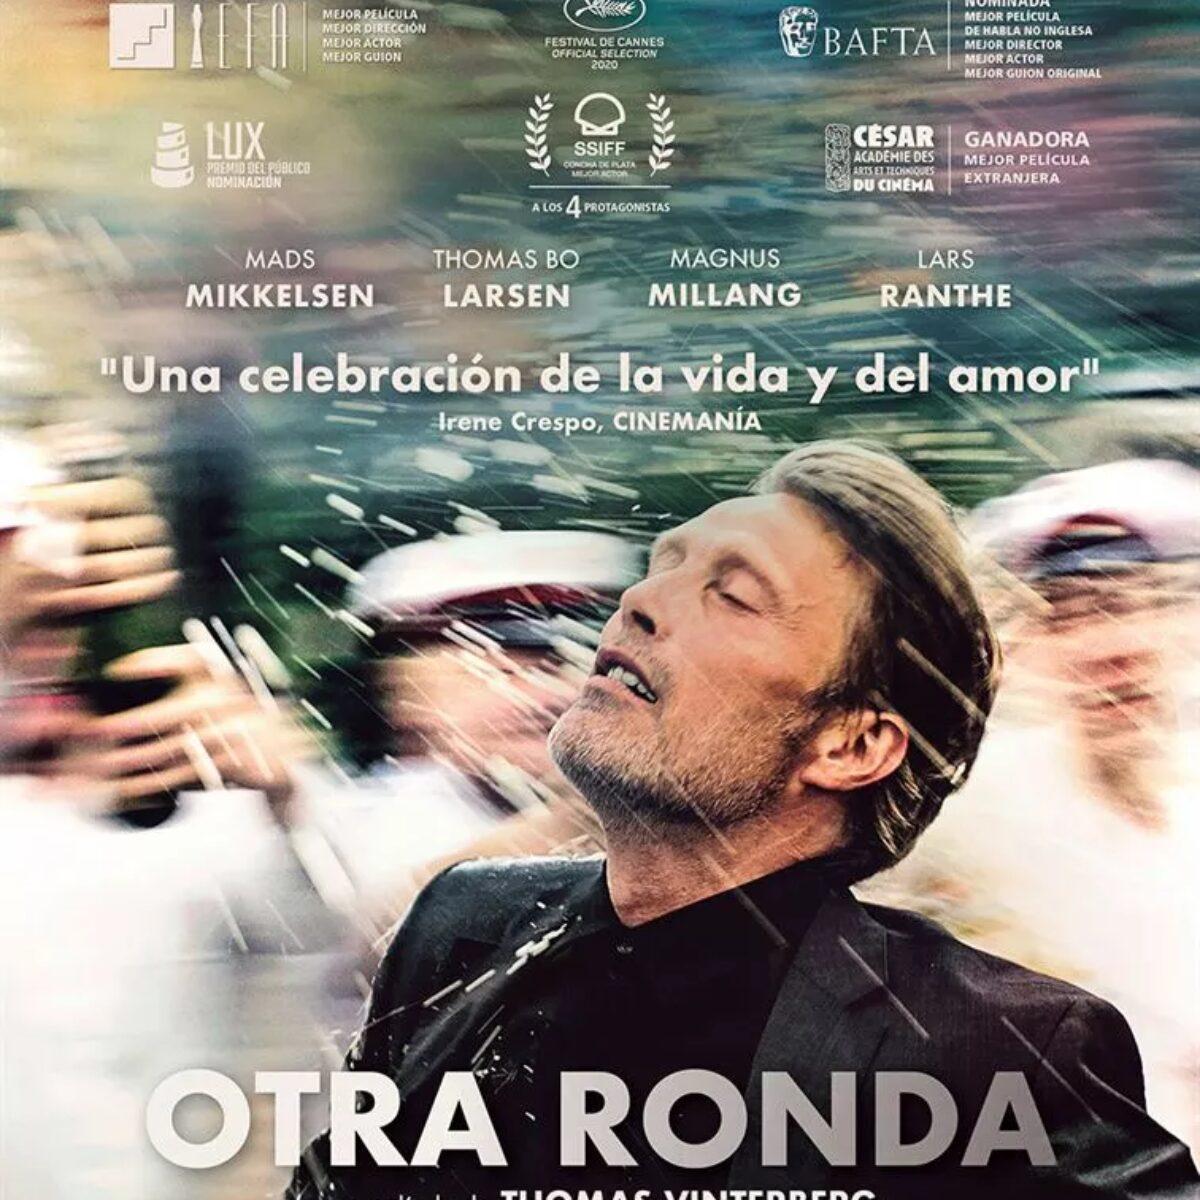 Cartel de la película ¡Otra ronda! que ilustra el artículo de Beatriz García sobre la relación entre la depresión y el alcoholismo